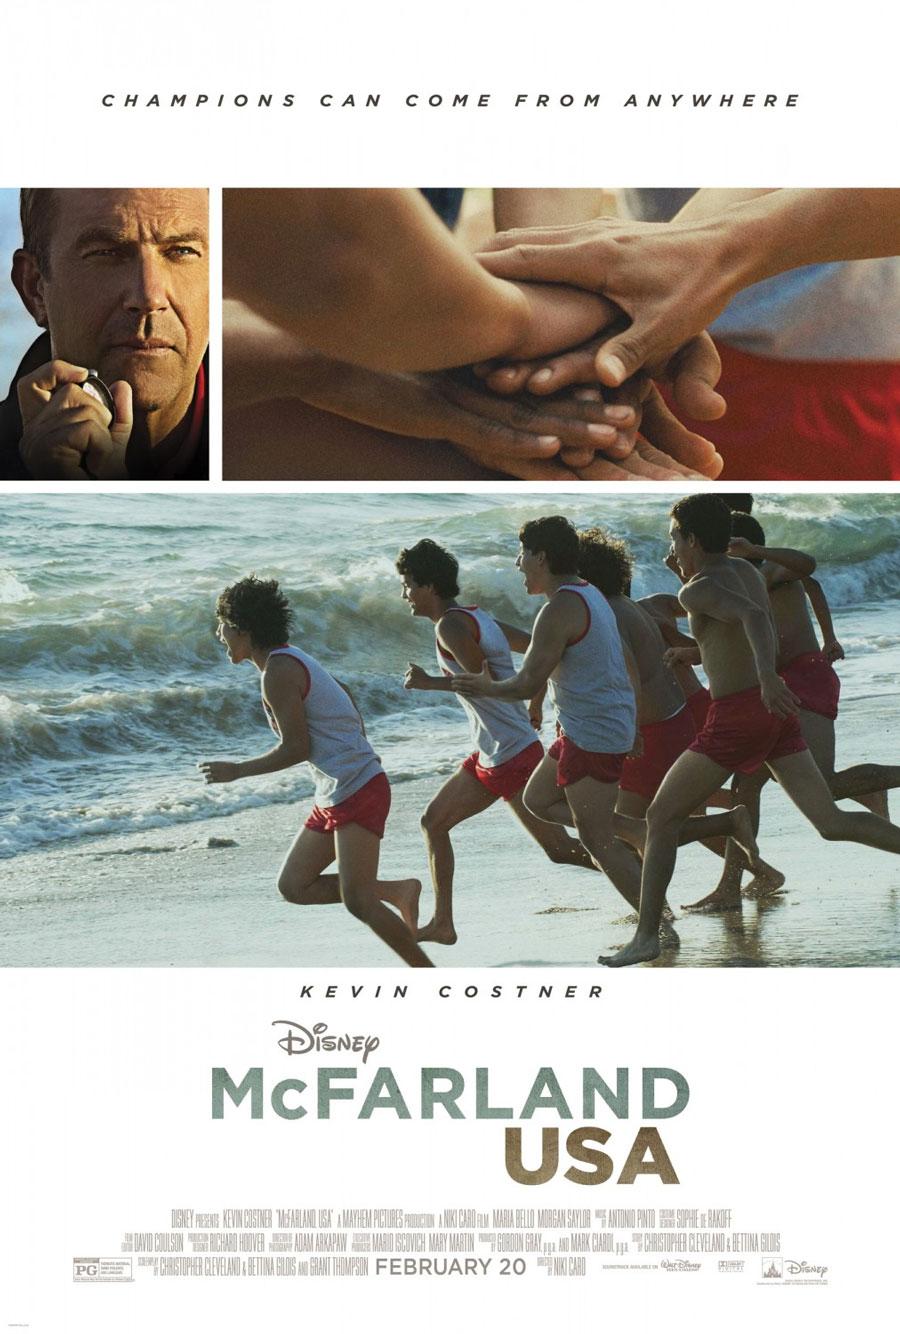 Poster for McFarland USA